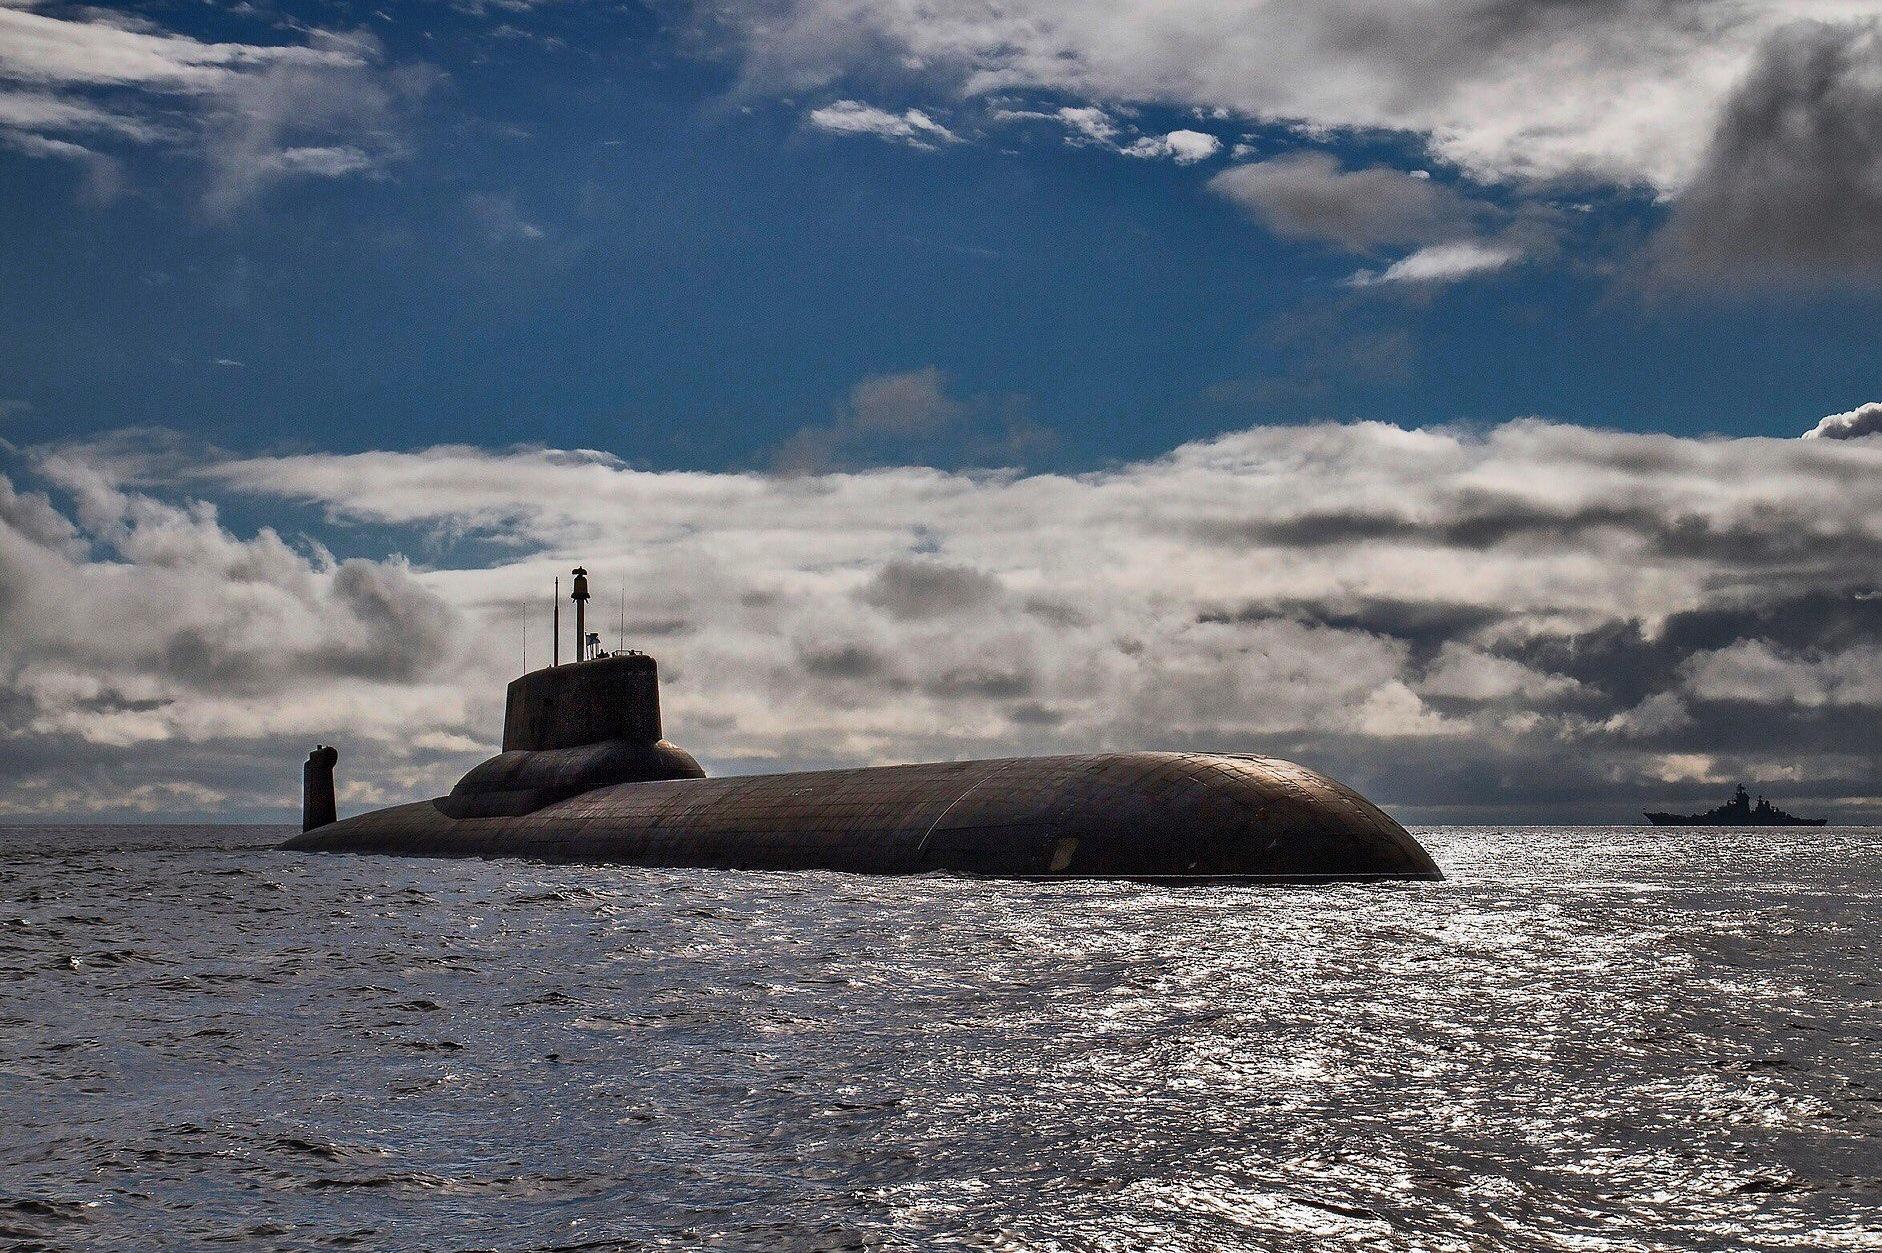 Атомная подводная лодка акула картинки